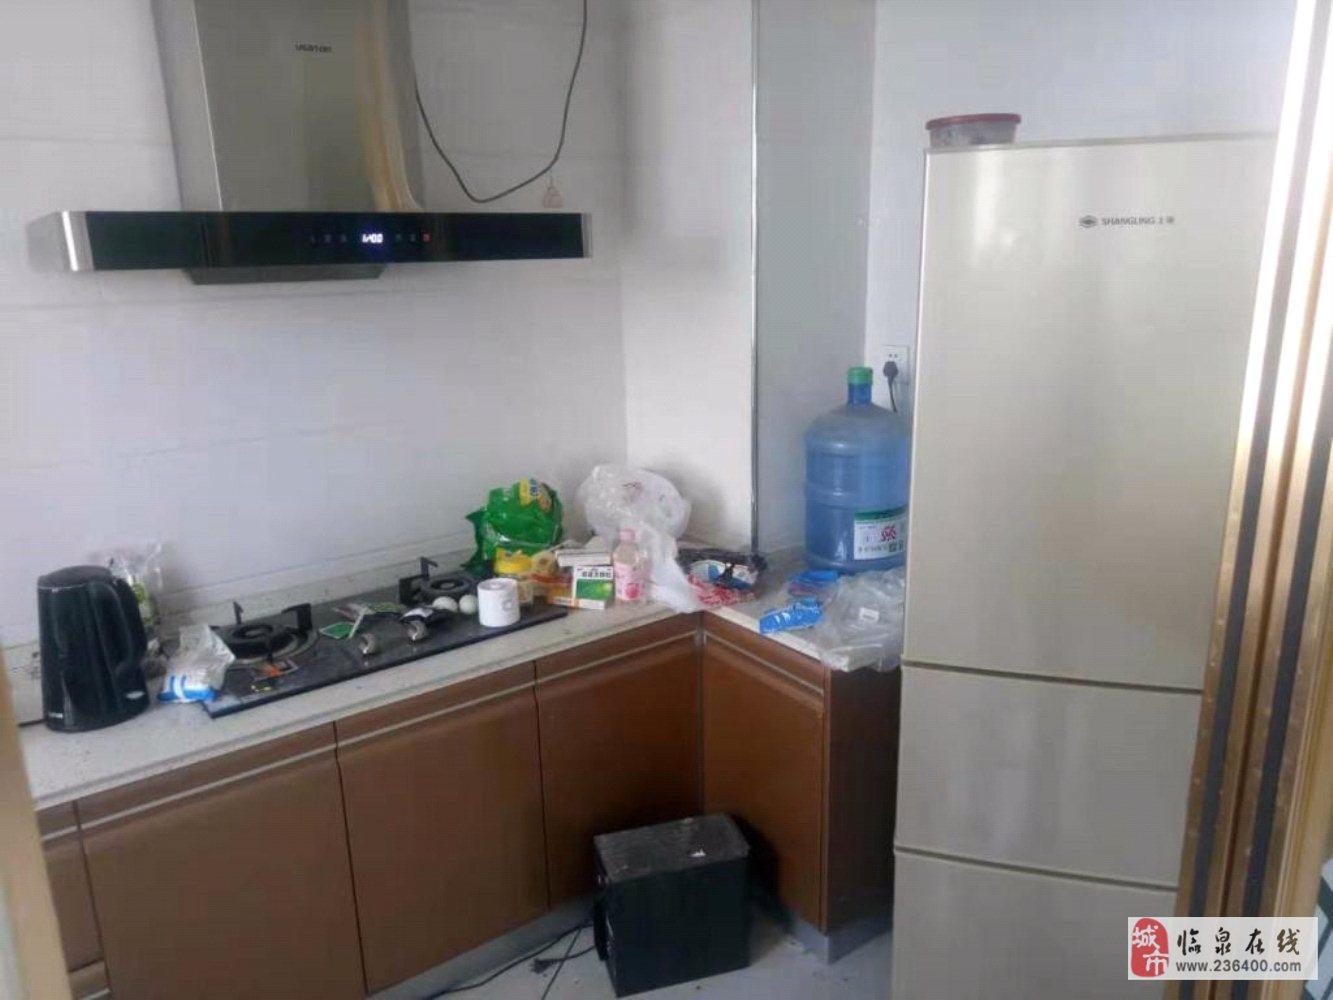 丽阳豪苑11楼精装修证满2年3室2厅2卫82万元